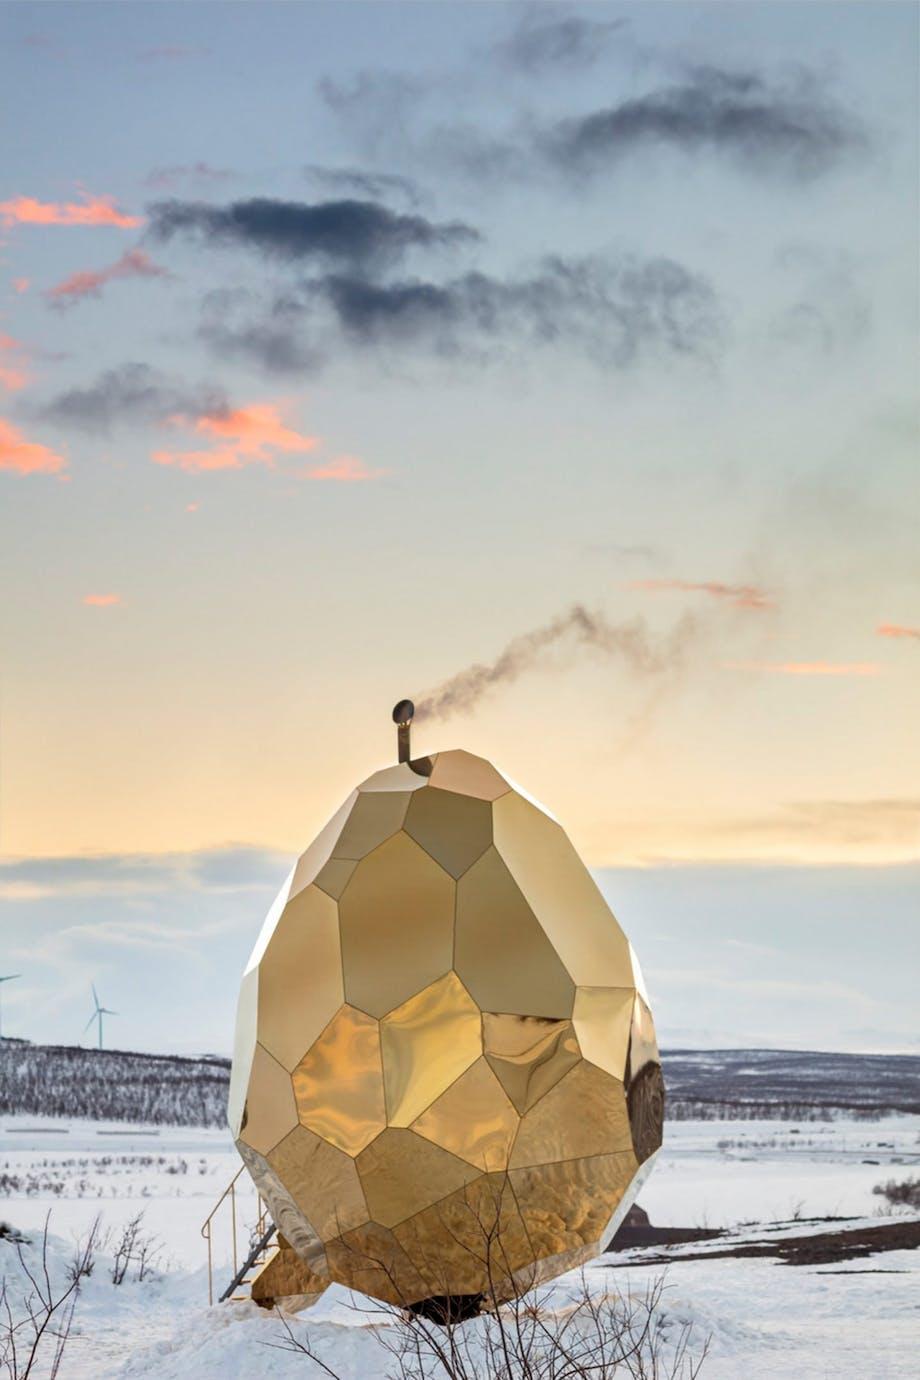 sauna kunst arkitektur guld sverige udsigt